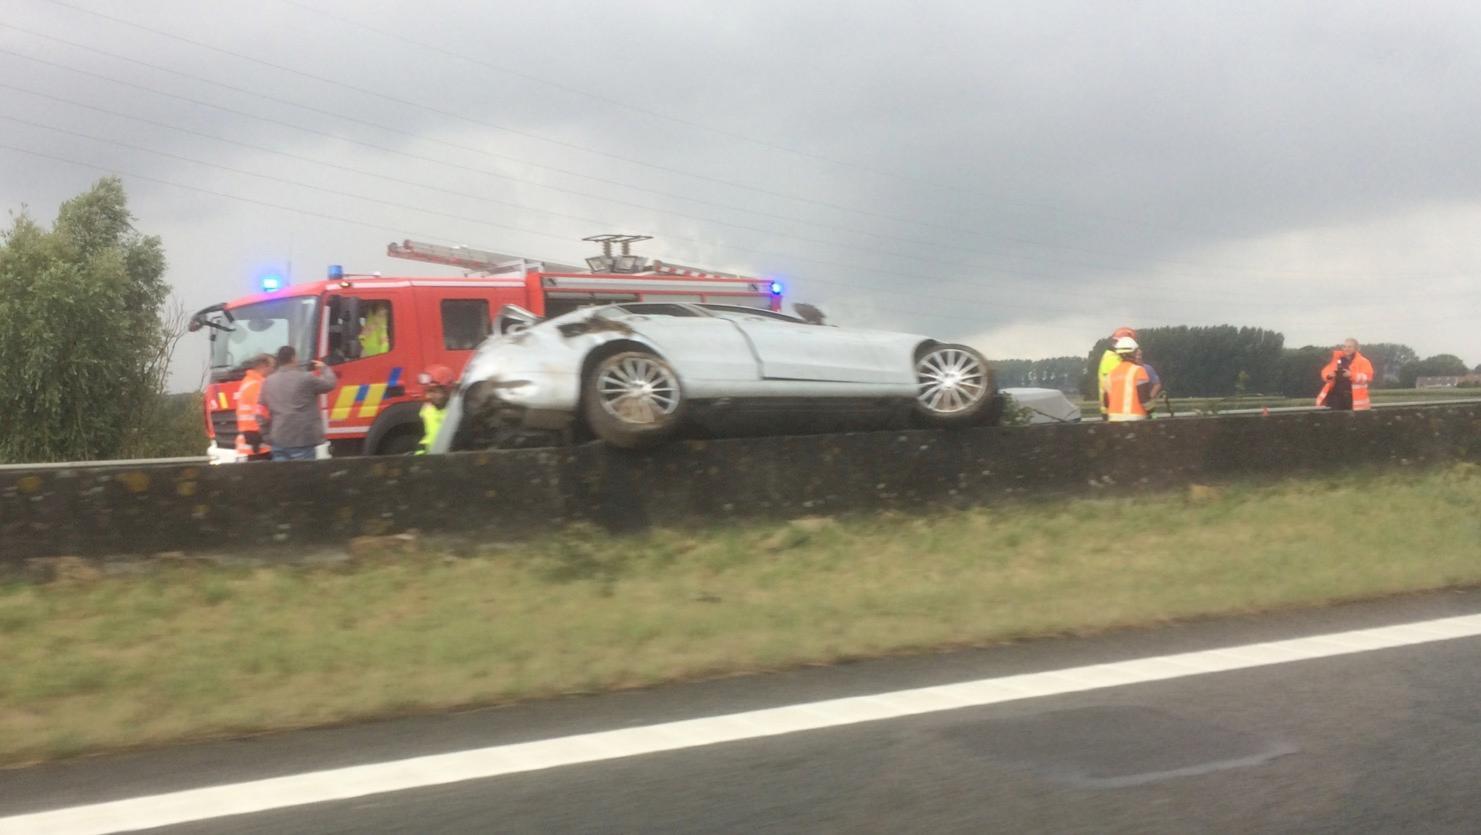 Accident sur l'A17 Mouscron-Tournai: une personne emmenée à l'hôpital